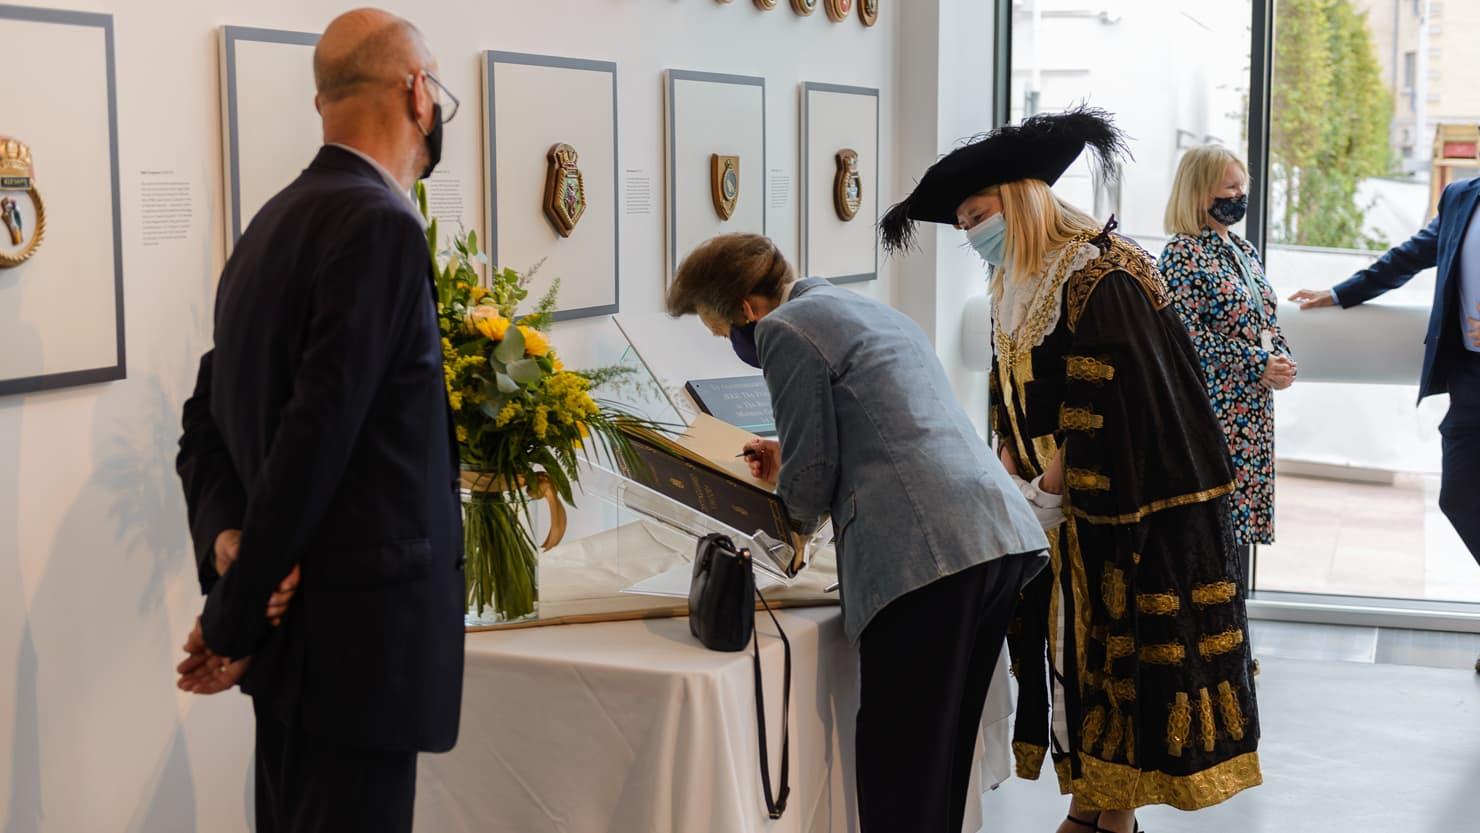 HRH The Princess Royal signing a book at The Box